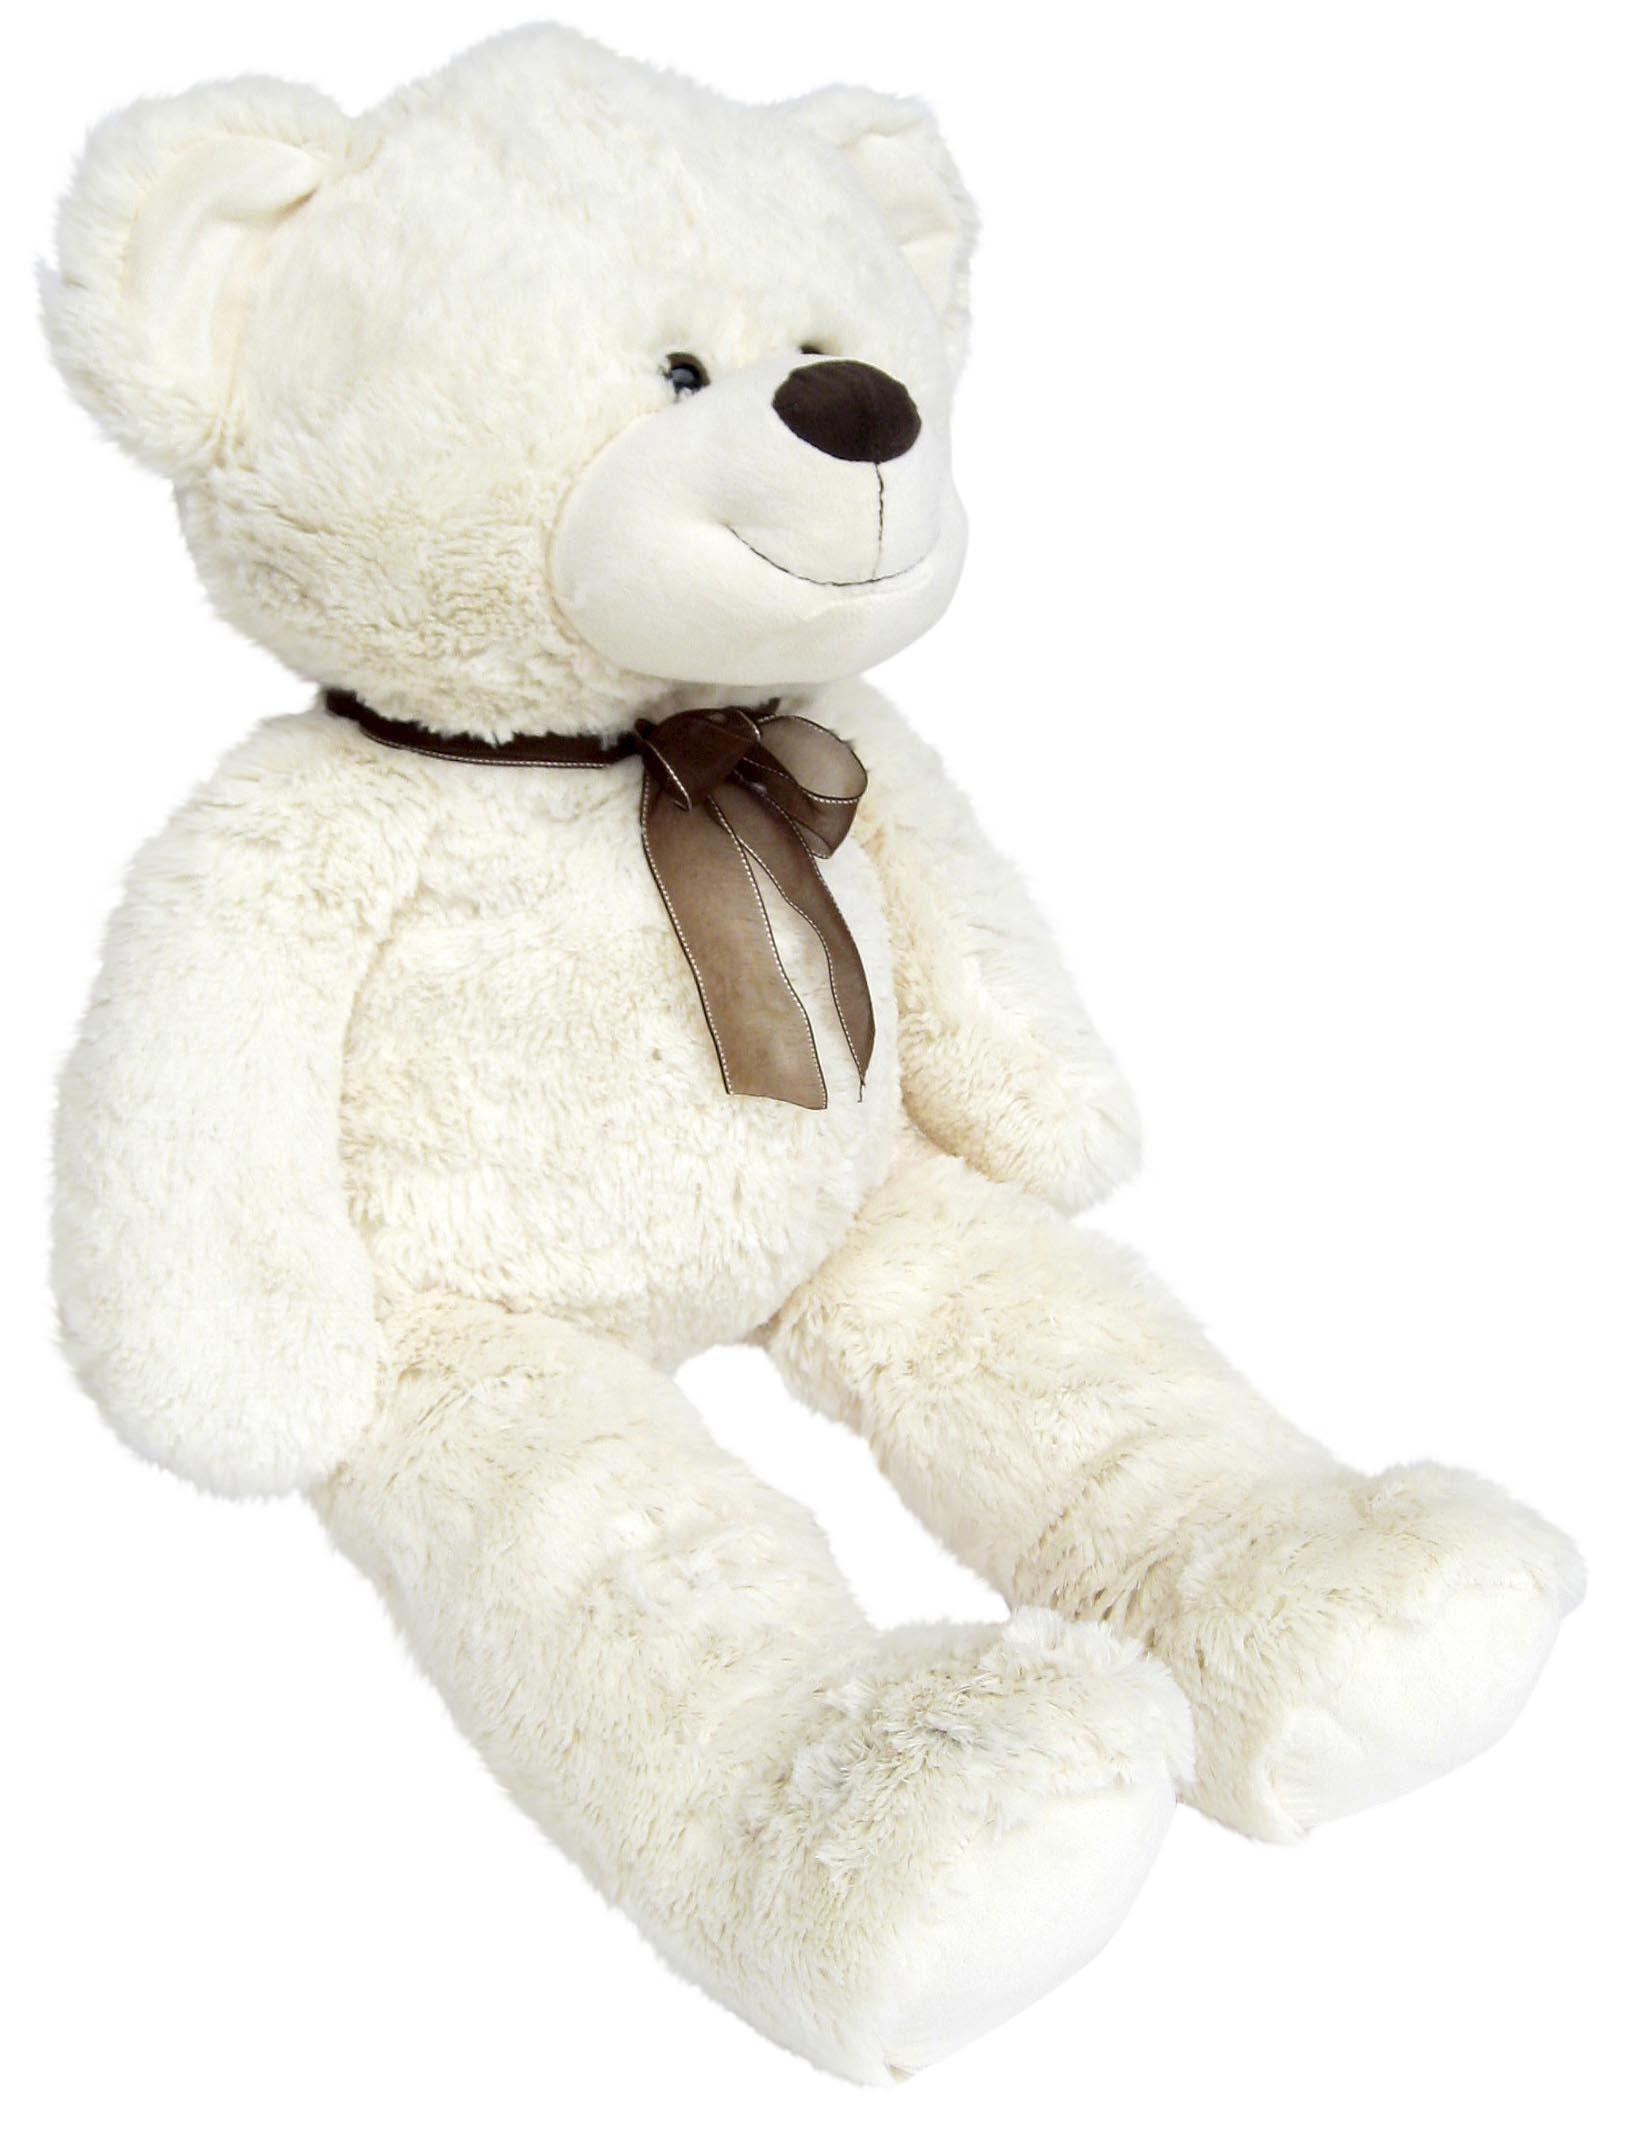 wagner 9021 xxl teddyb r 100 cm wei pl schb r teddy. Black Bedroom Furniture Sets. Home Design Ideas